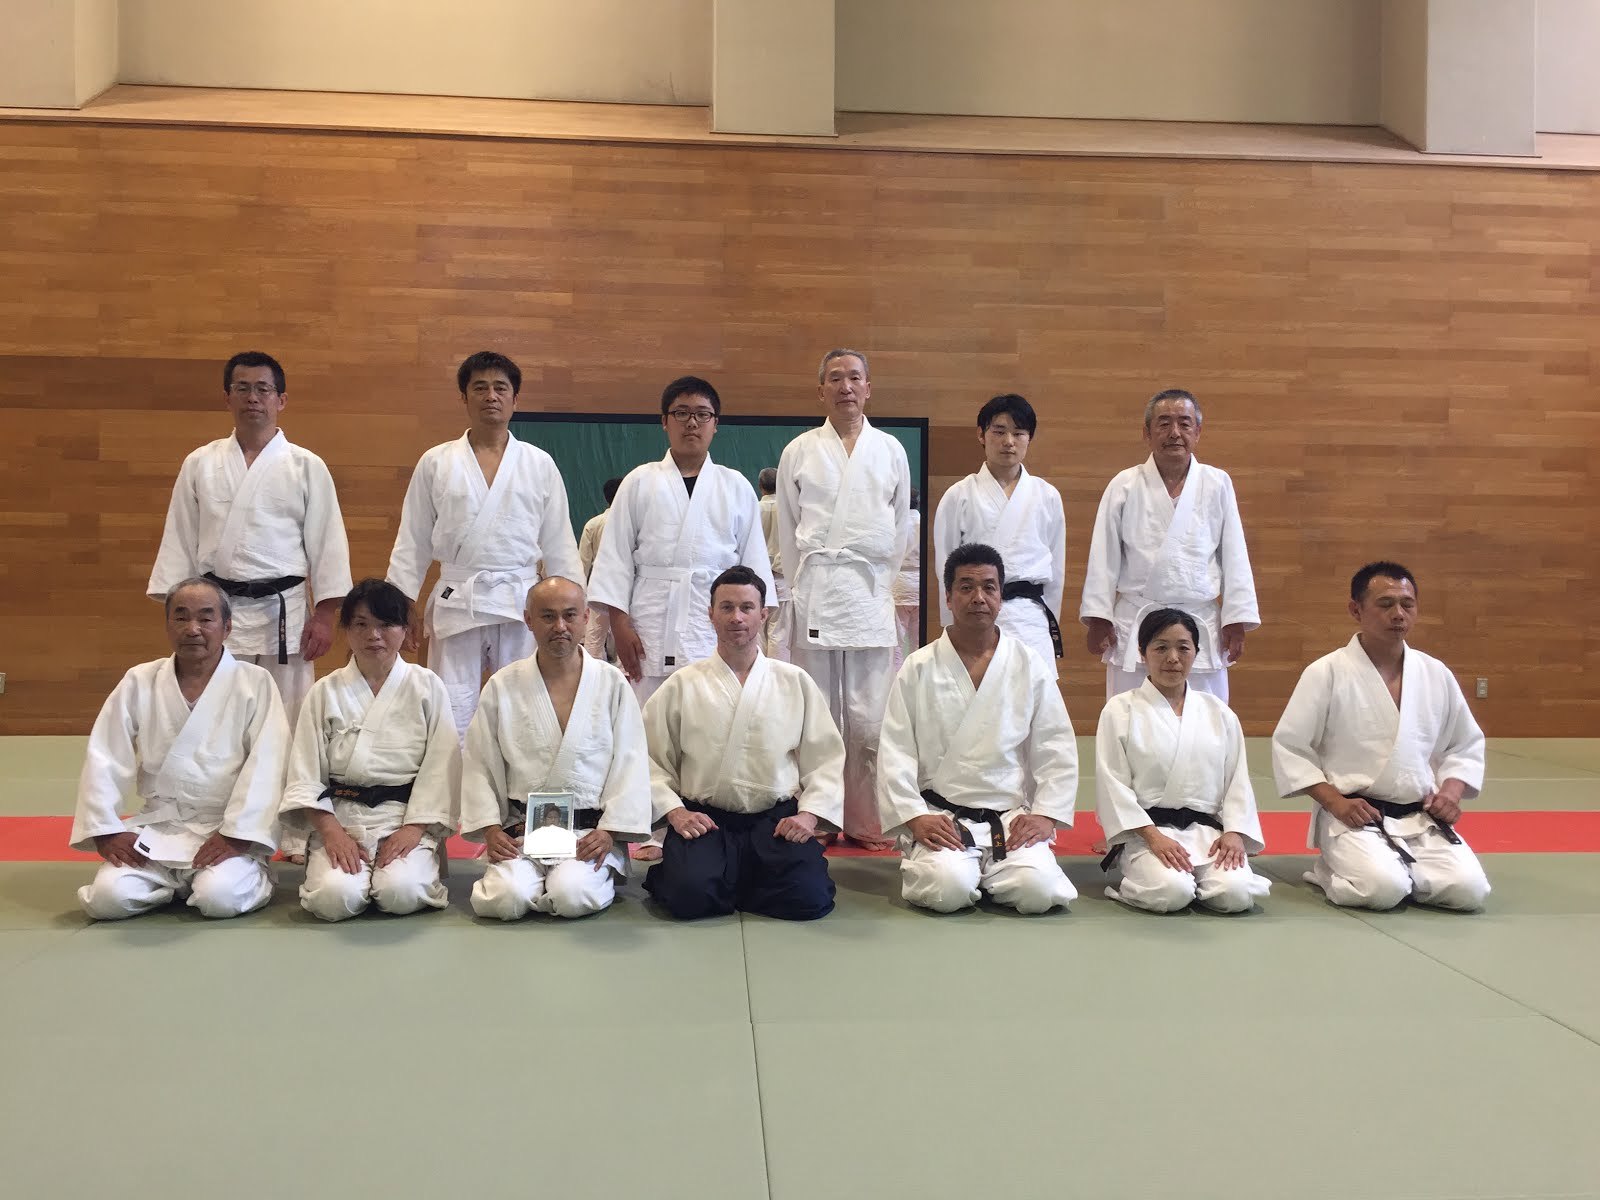 2015年5月30日の武道家達